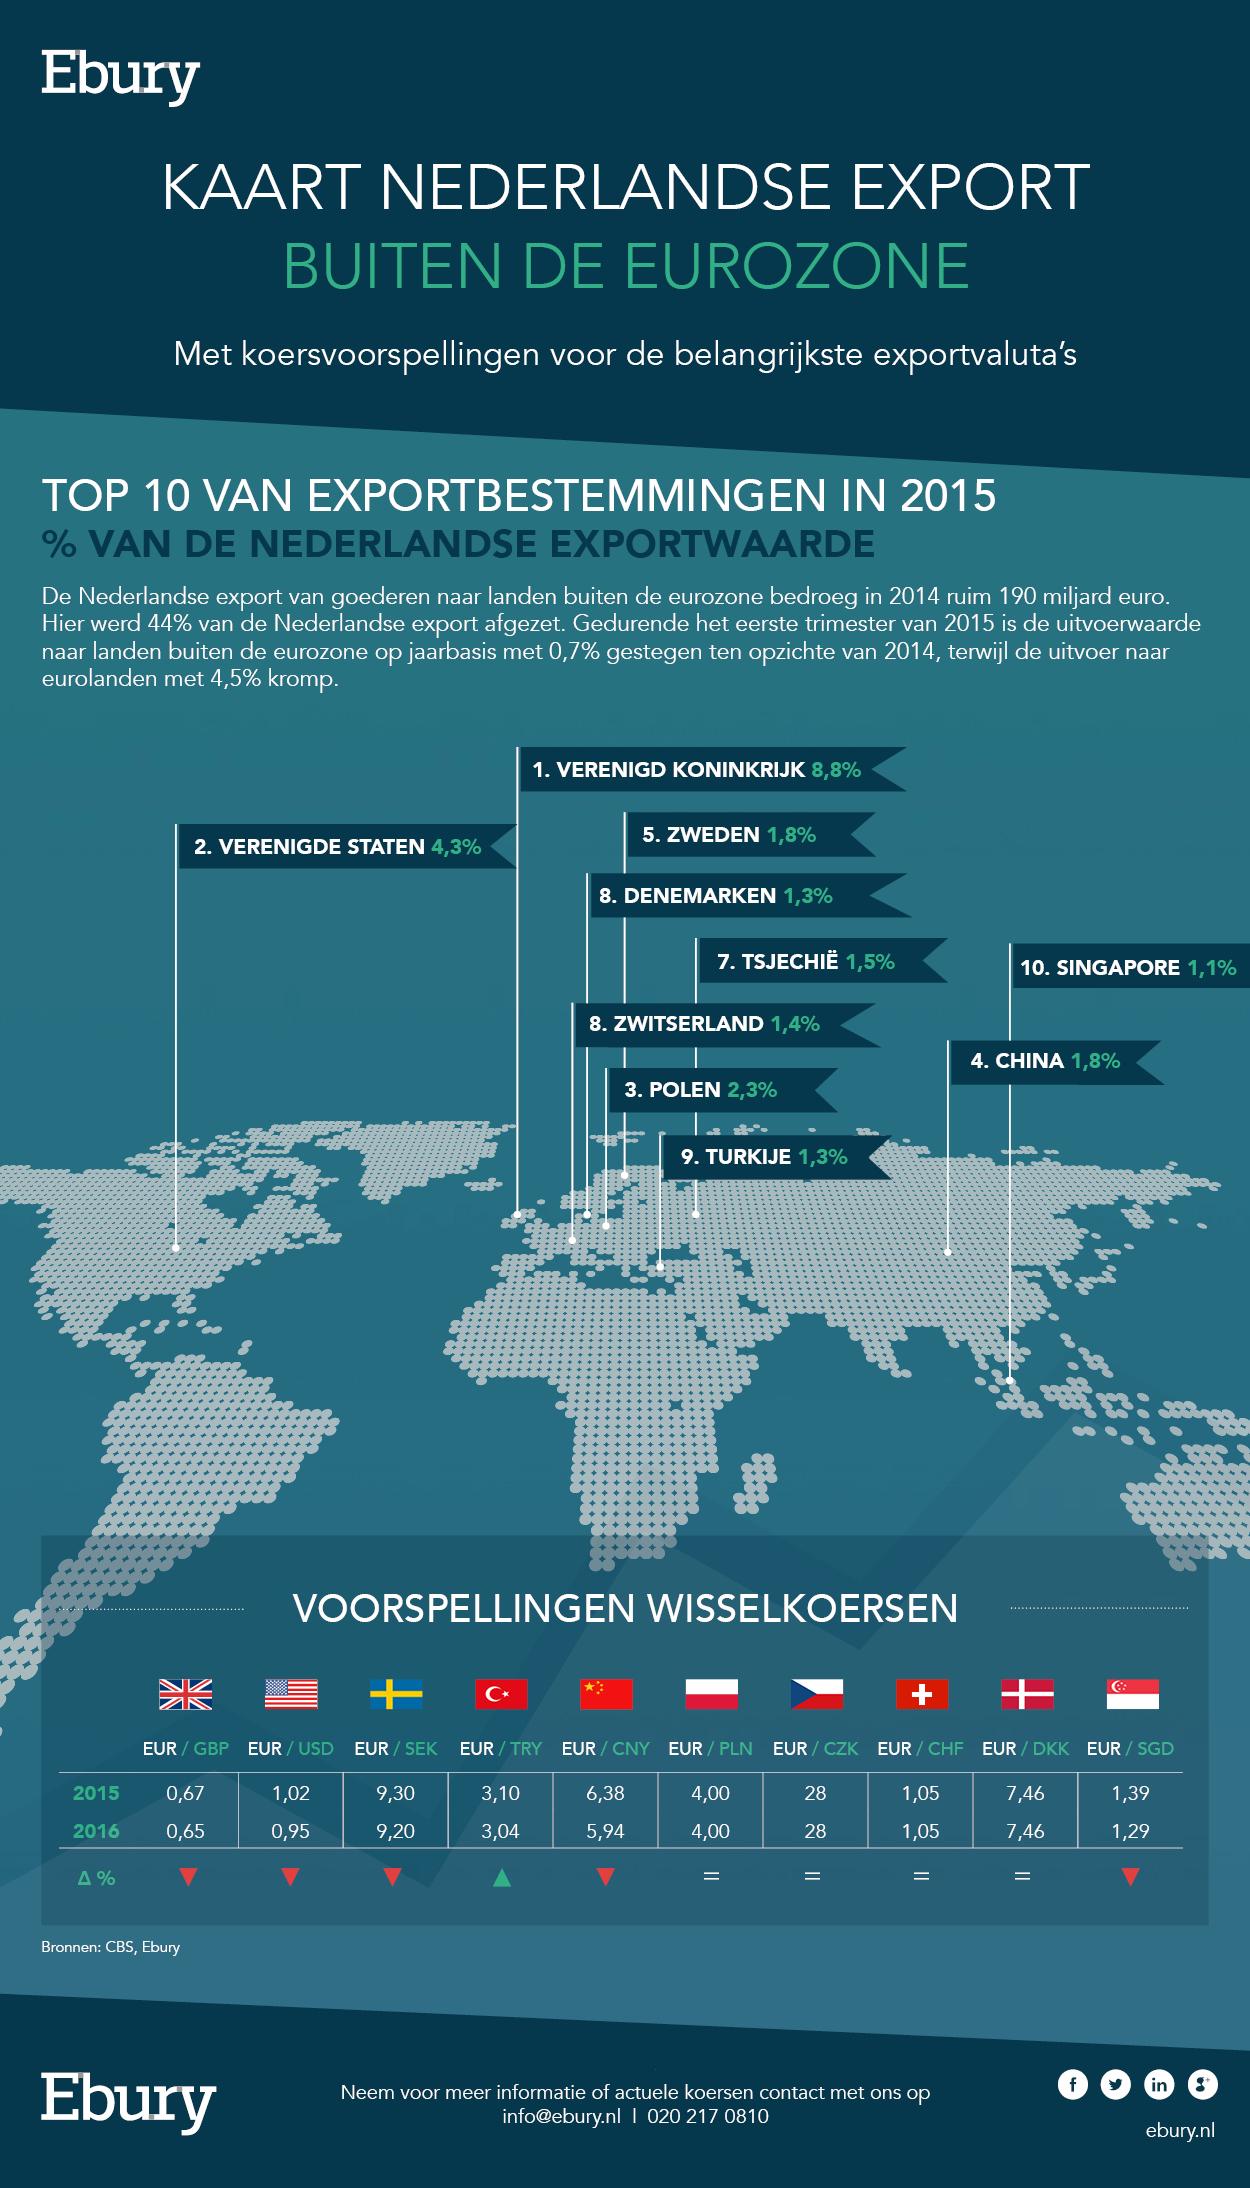 Kaart Nederlandse export